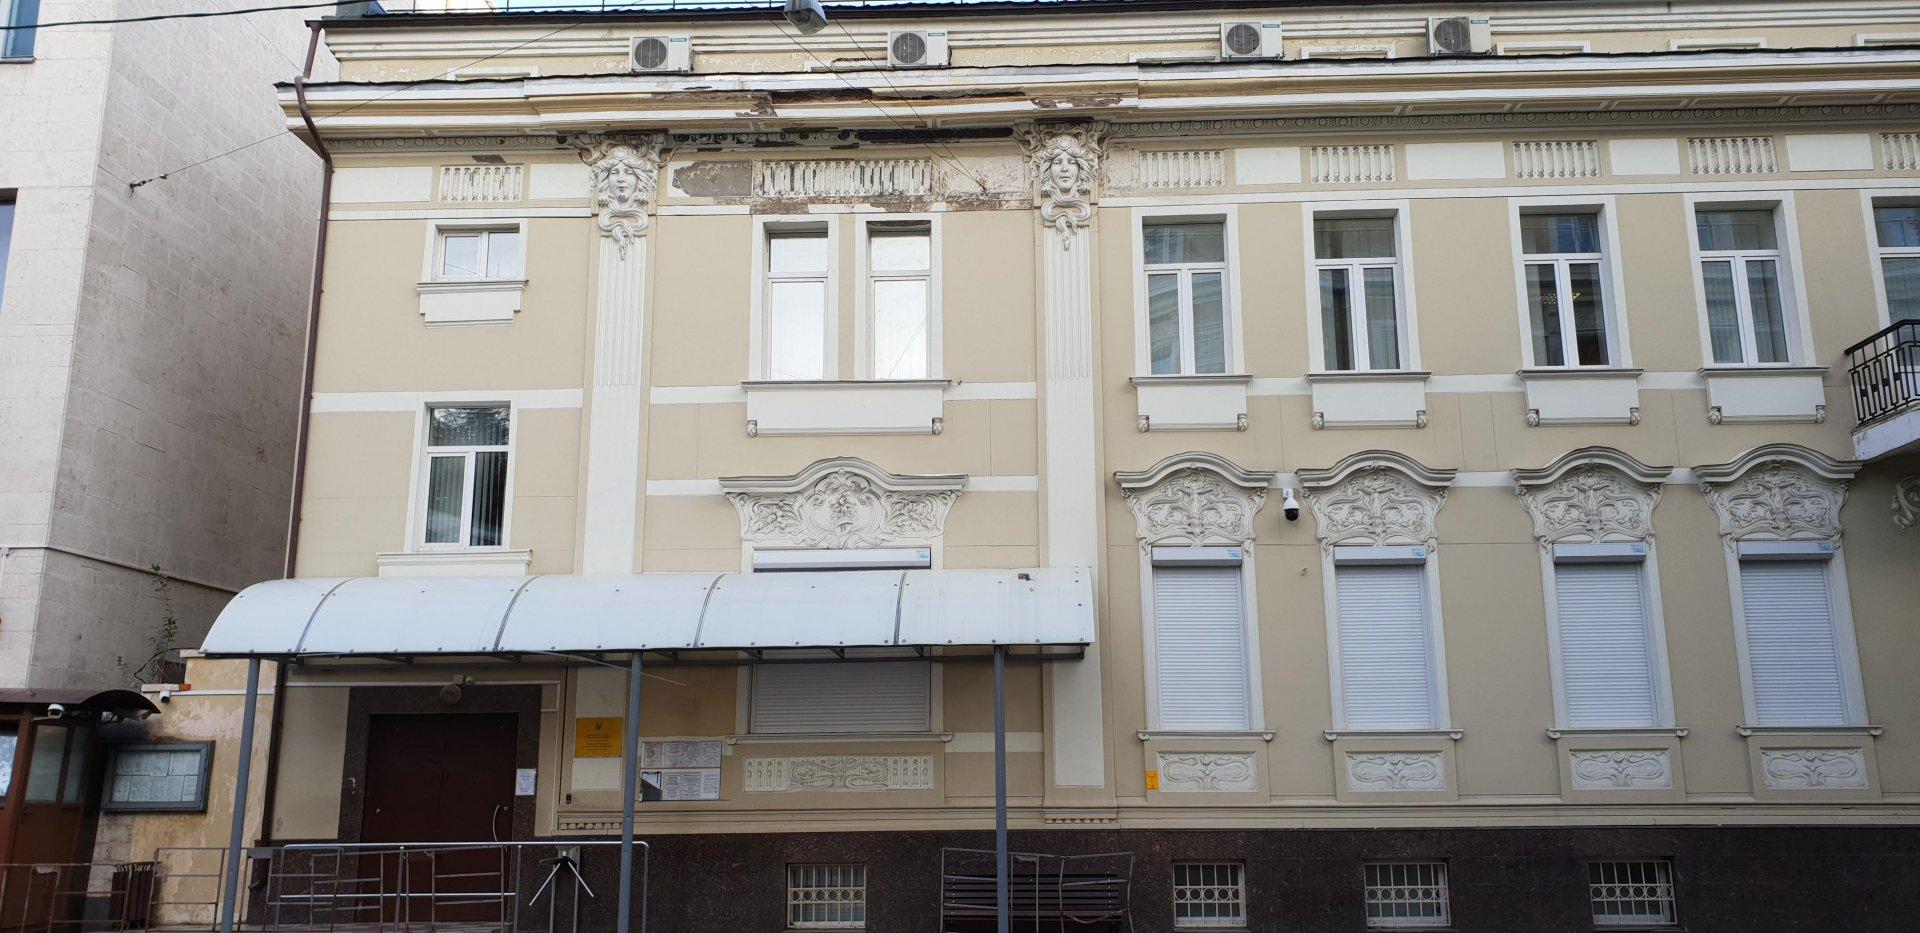 Посольство Украины в г. Москве, Леонтьевский переулок, 20